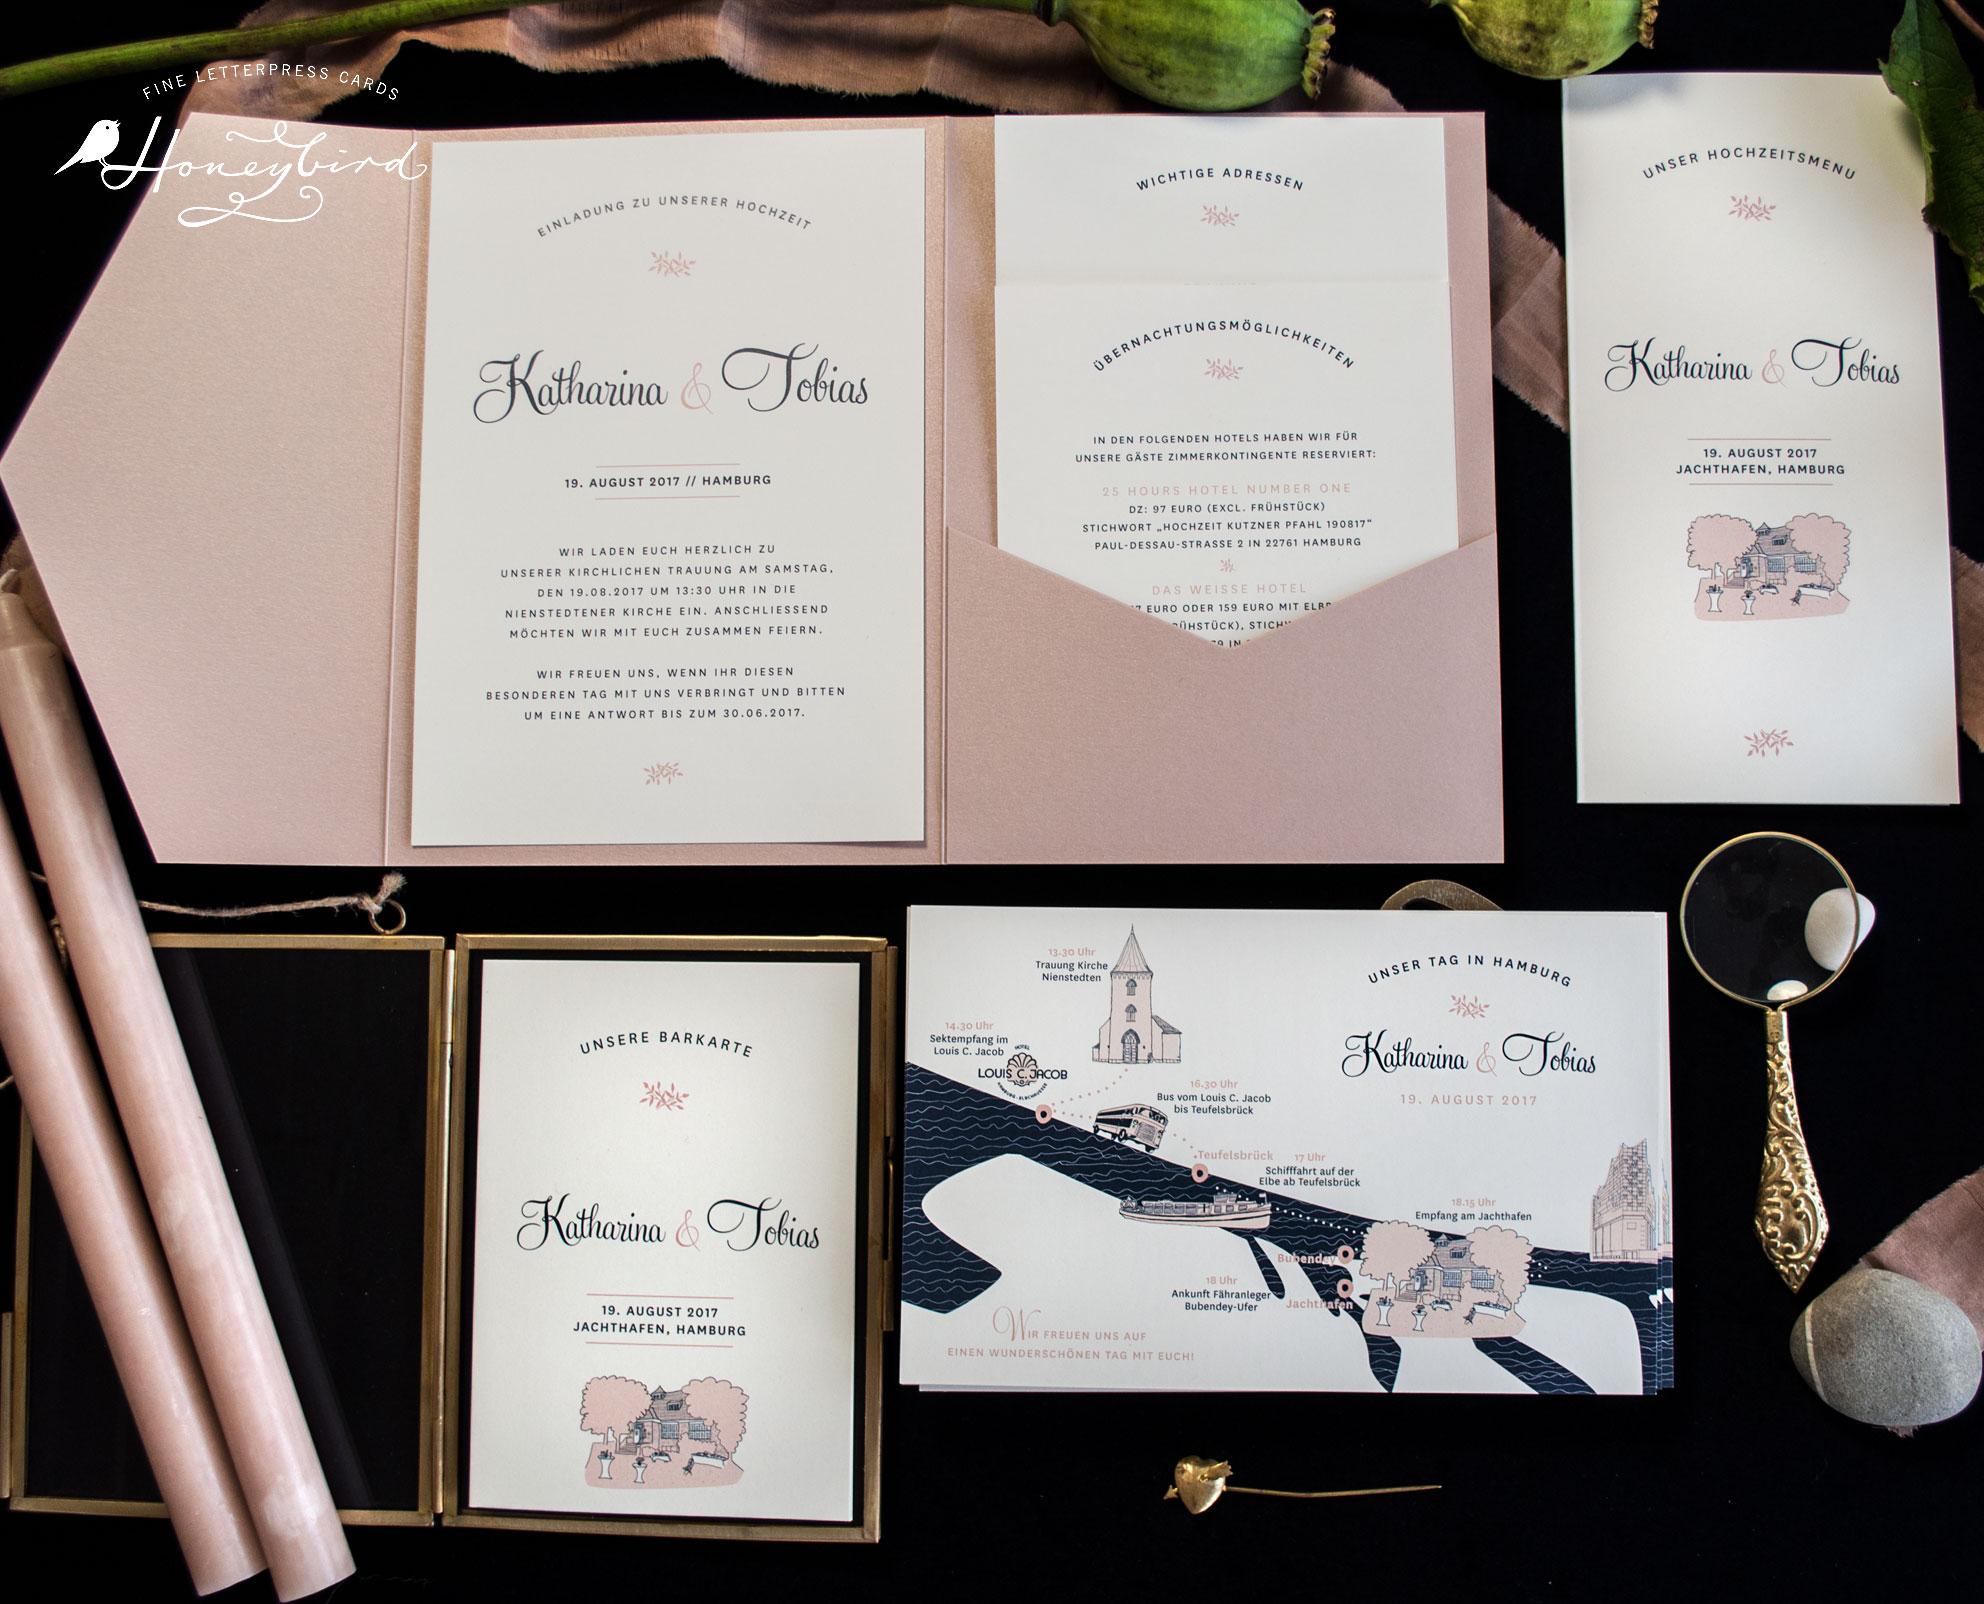 Einladung Mulberry im Pocketfold mit Hochzeitsprogramm, Barkarte und Menükarte von Honeybird.de